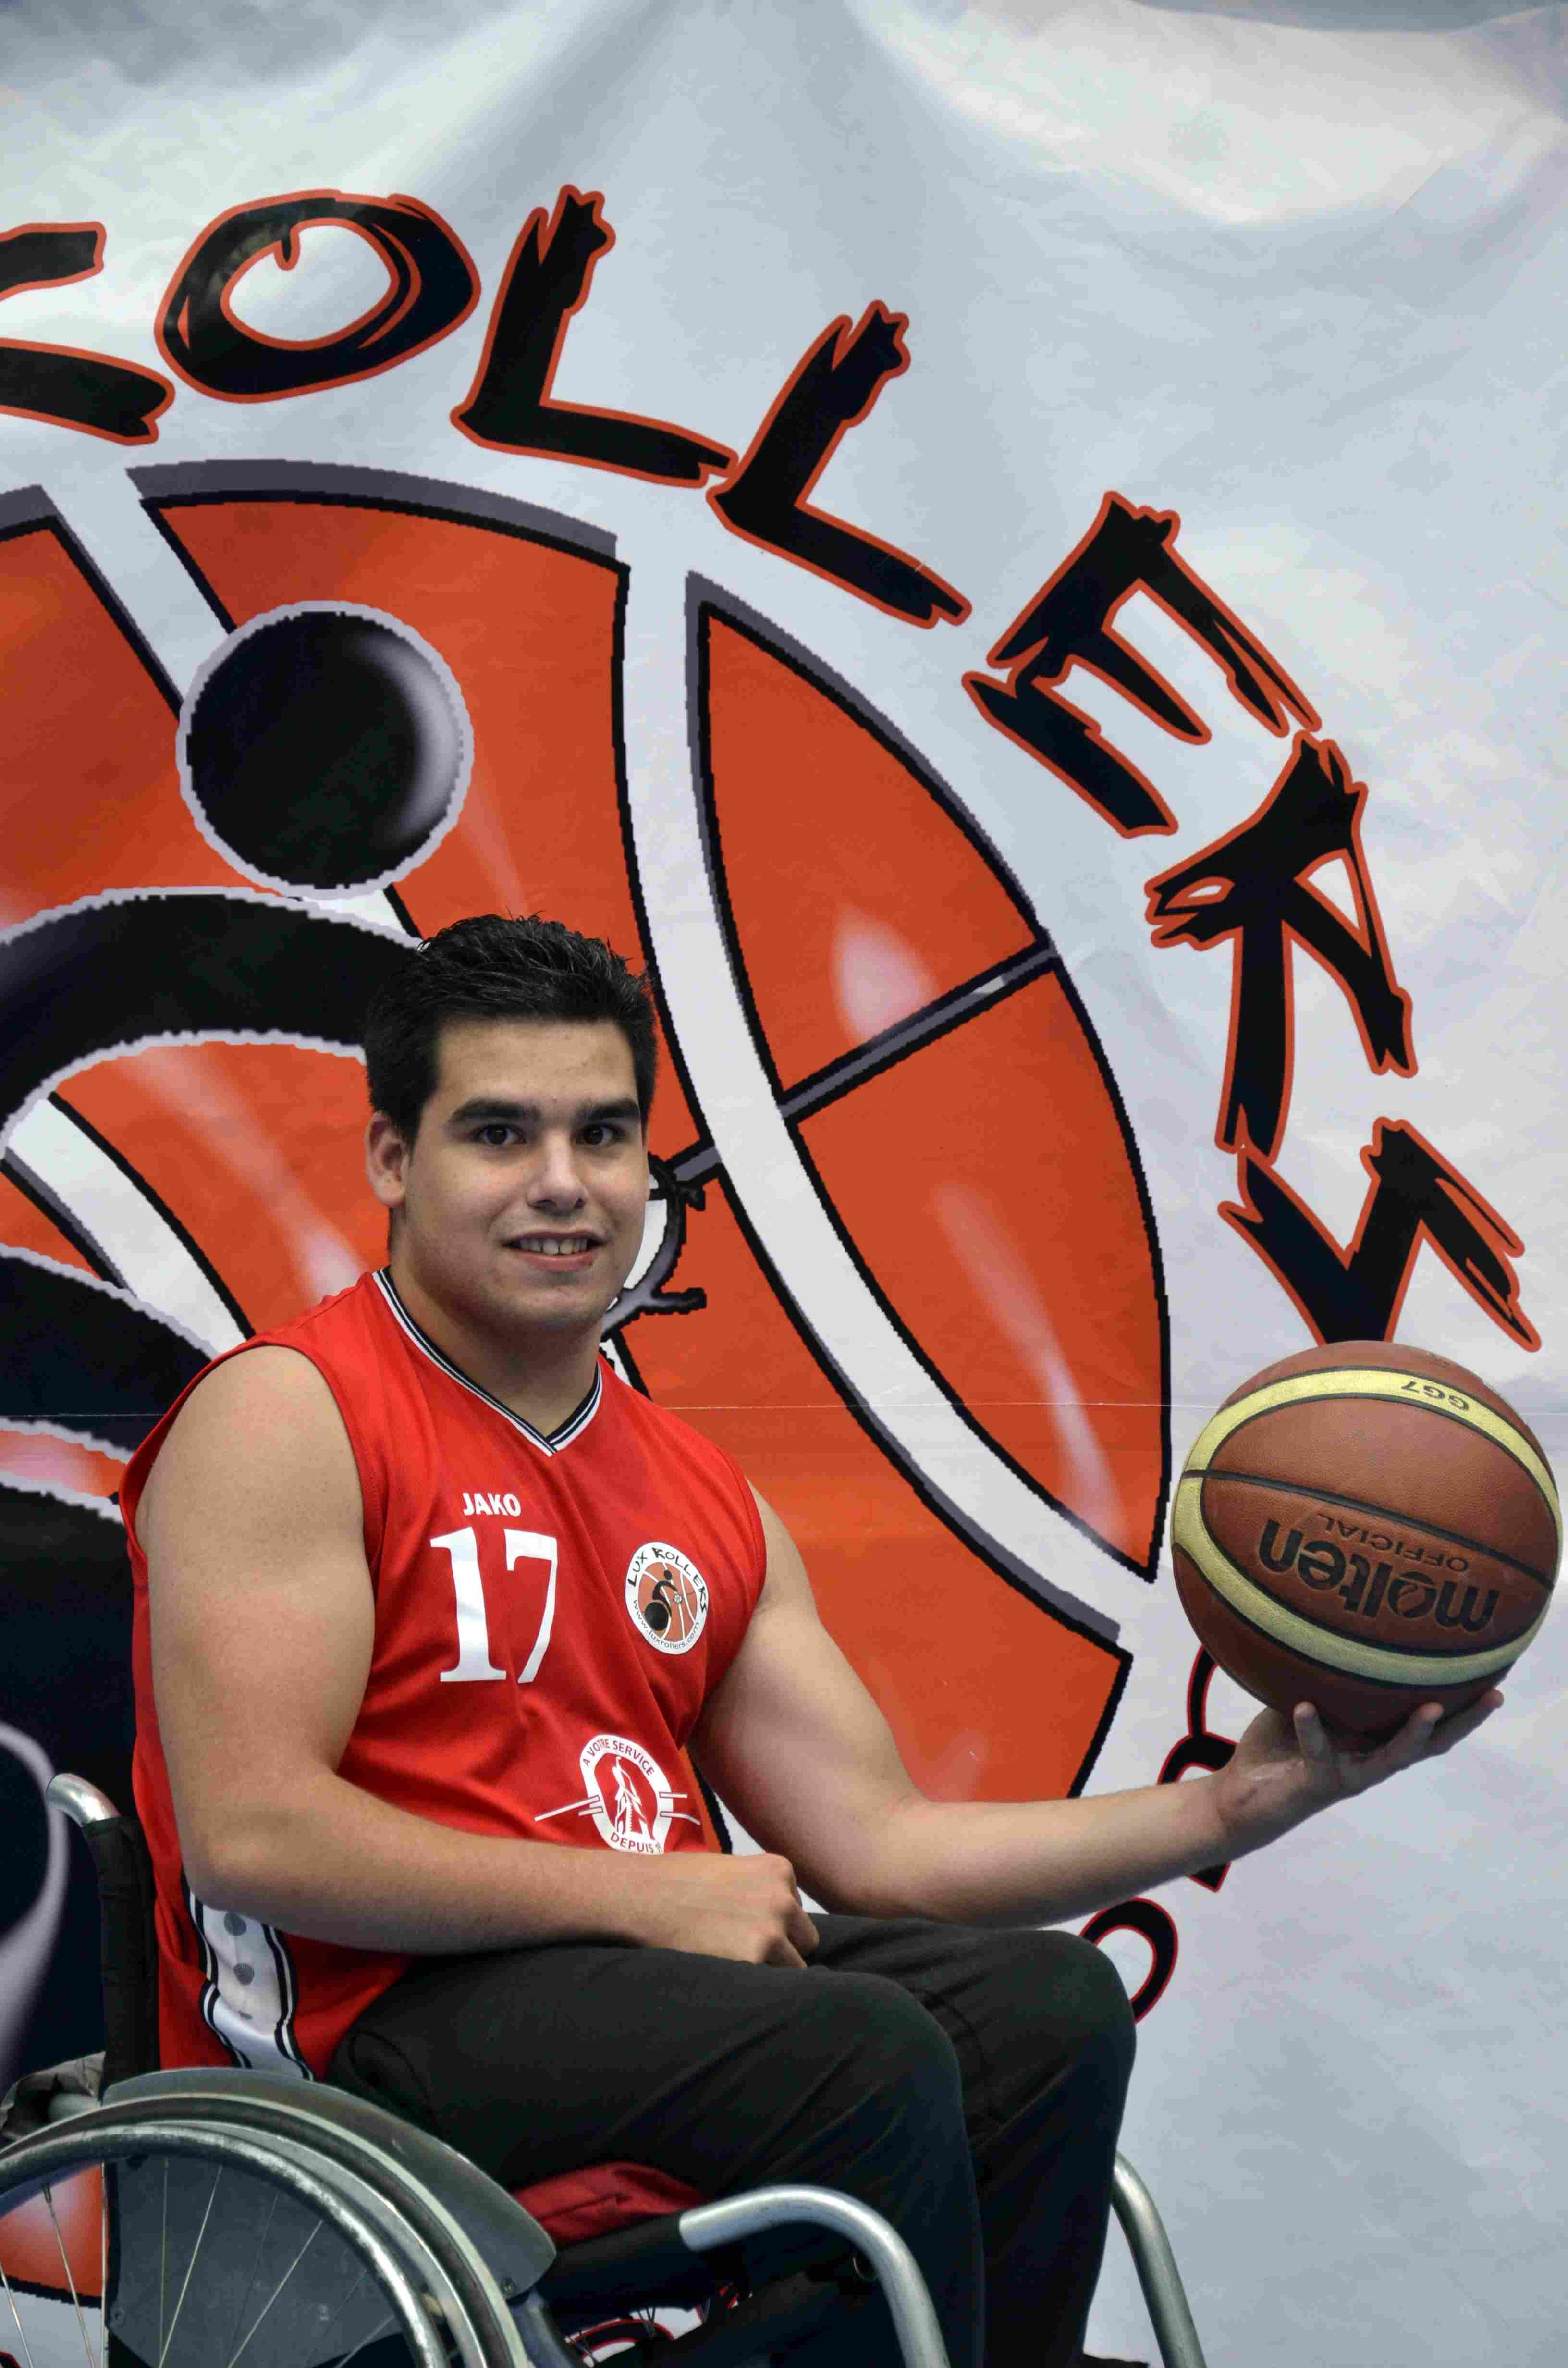 Miguel RAMIRES